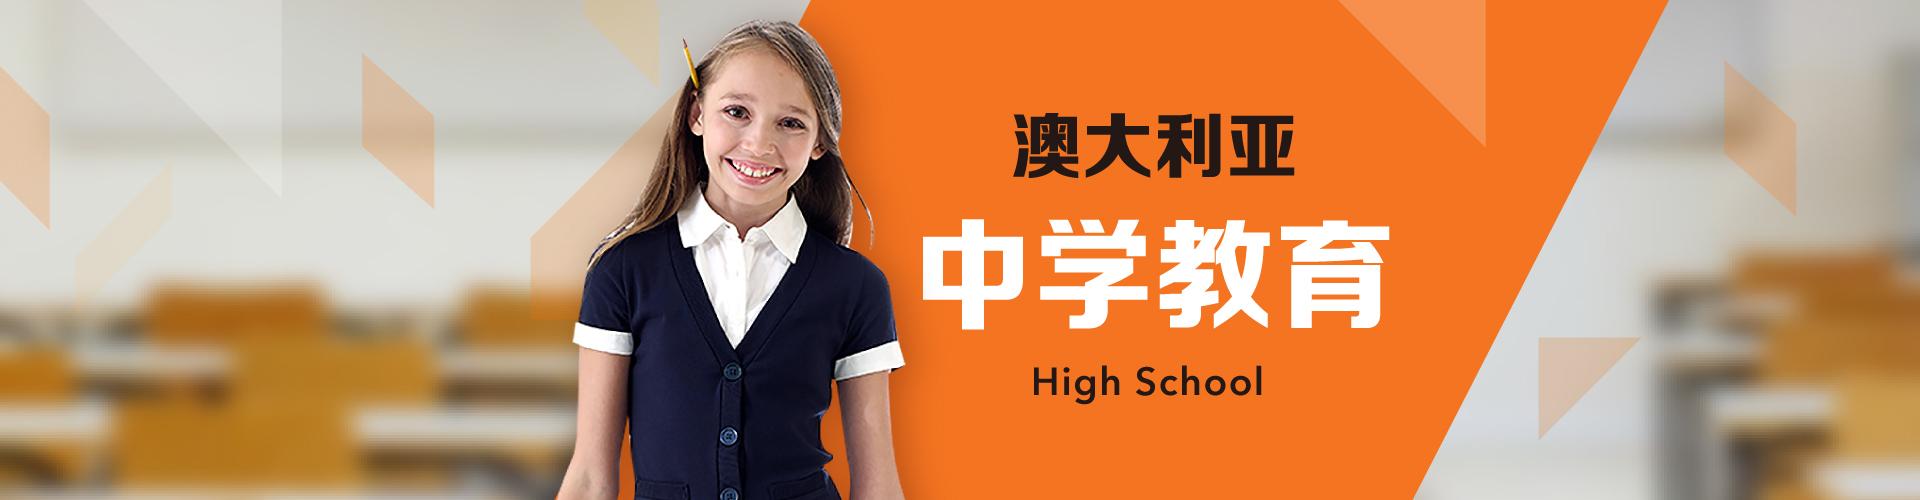 澳洲留学顶部专栏横幅_中学